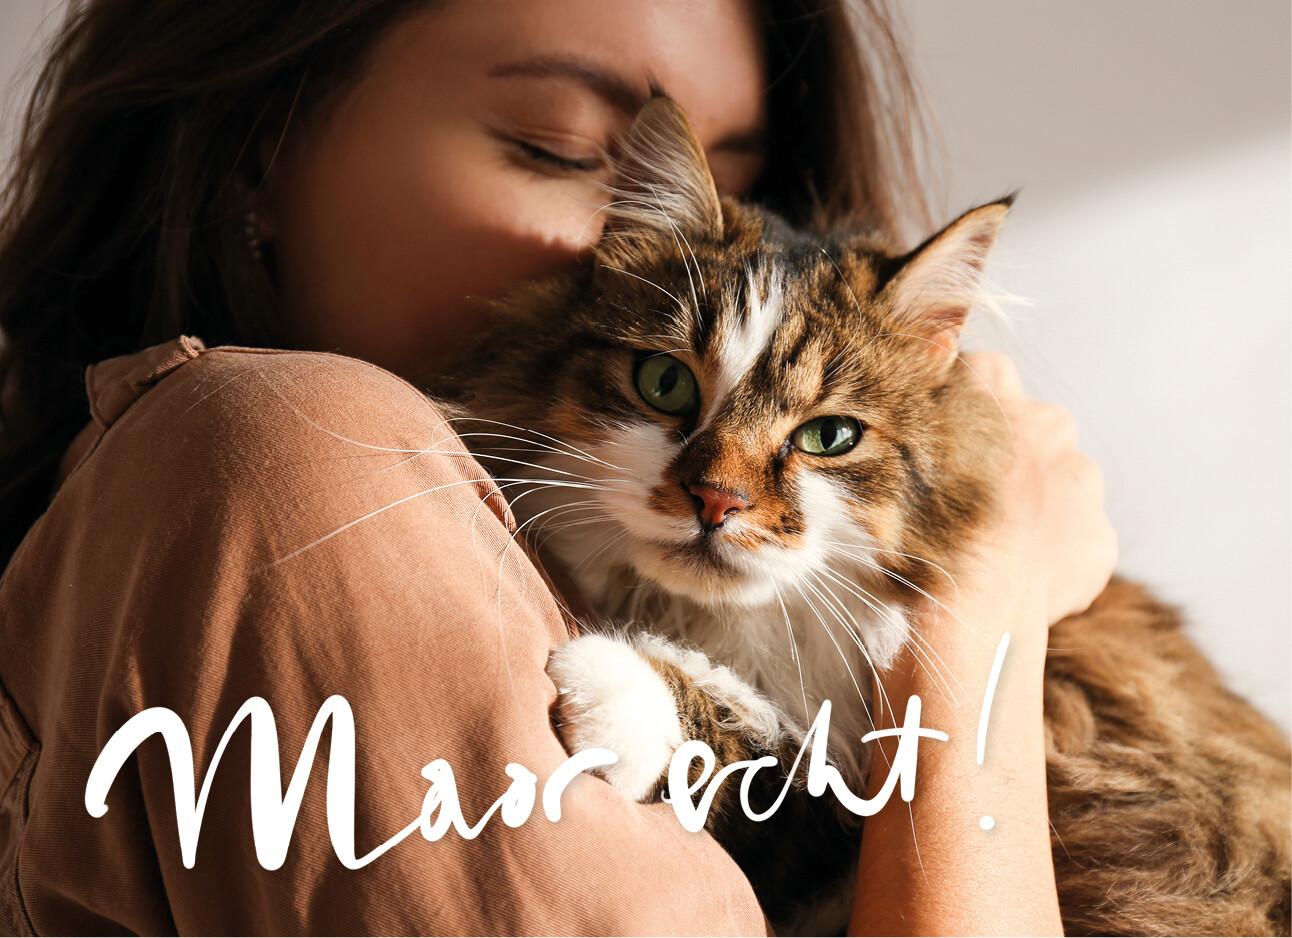 een vrouw knuffelt met haar kat